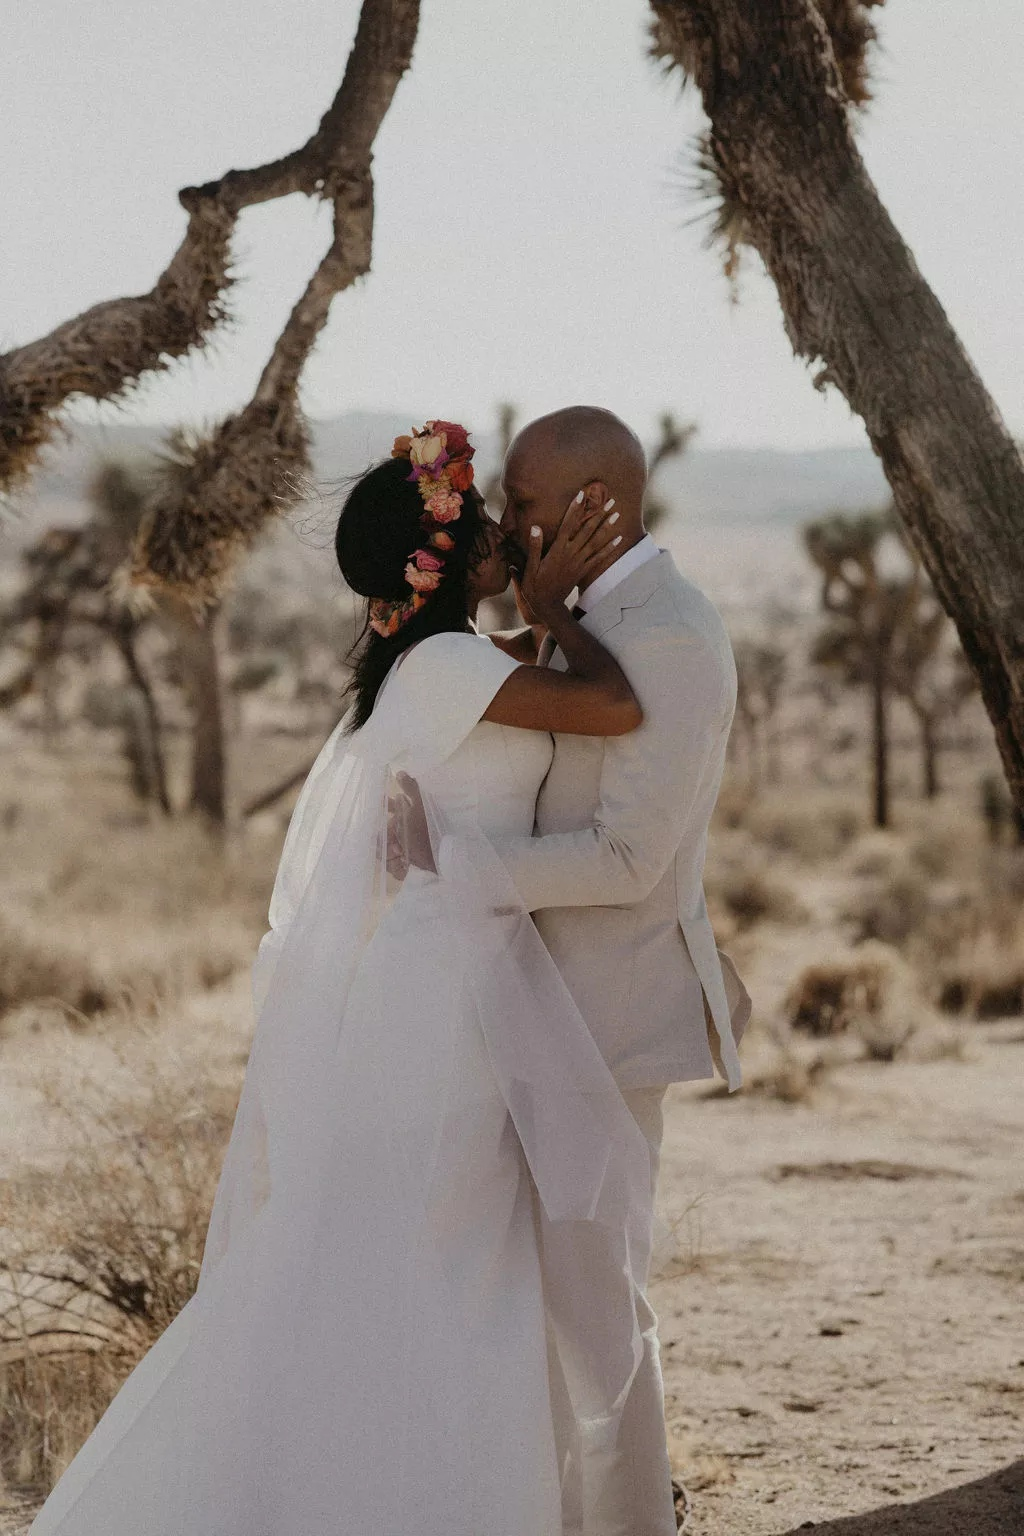 CaeGc3FkntI - Найти свадебного ведущего оказалось проще простого